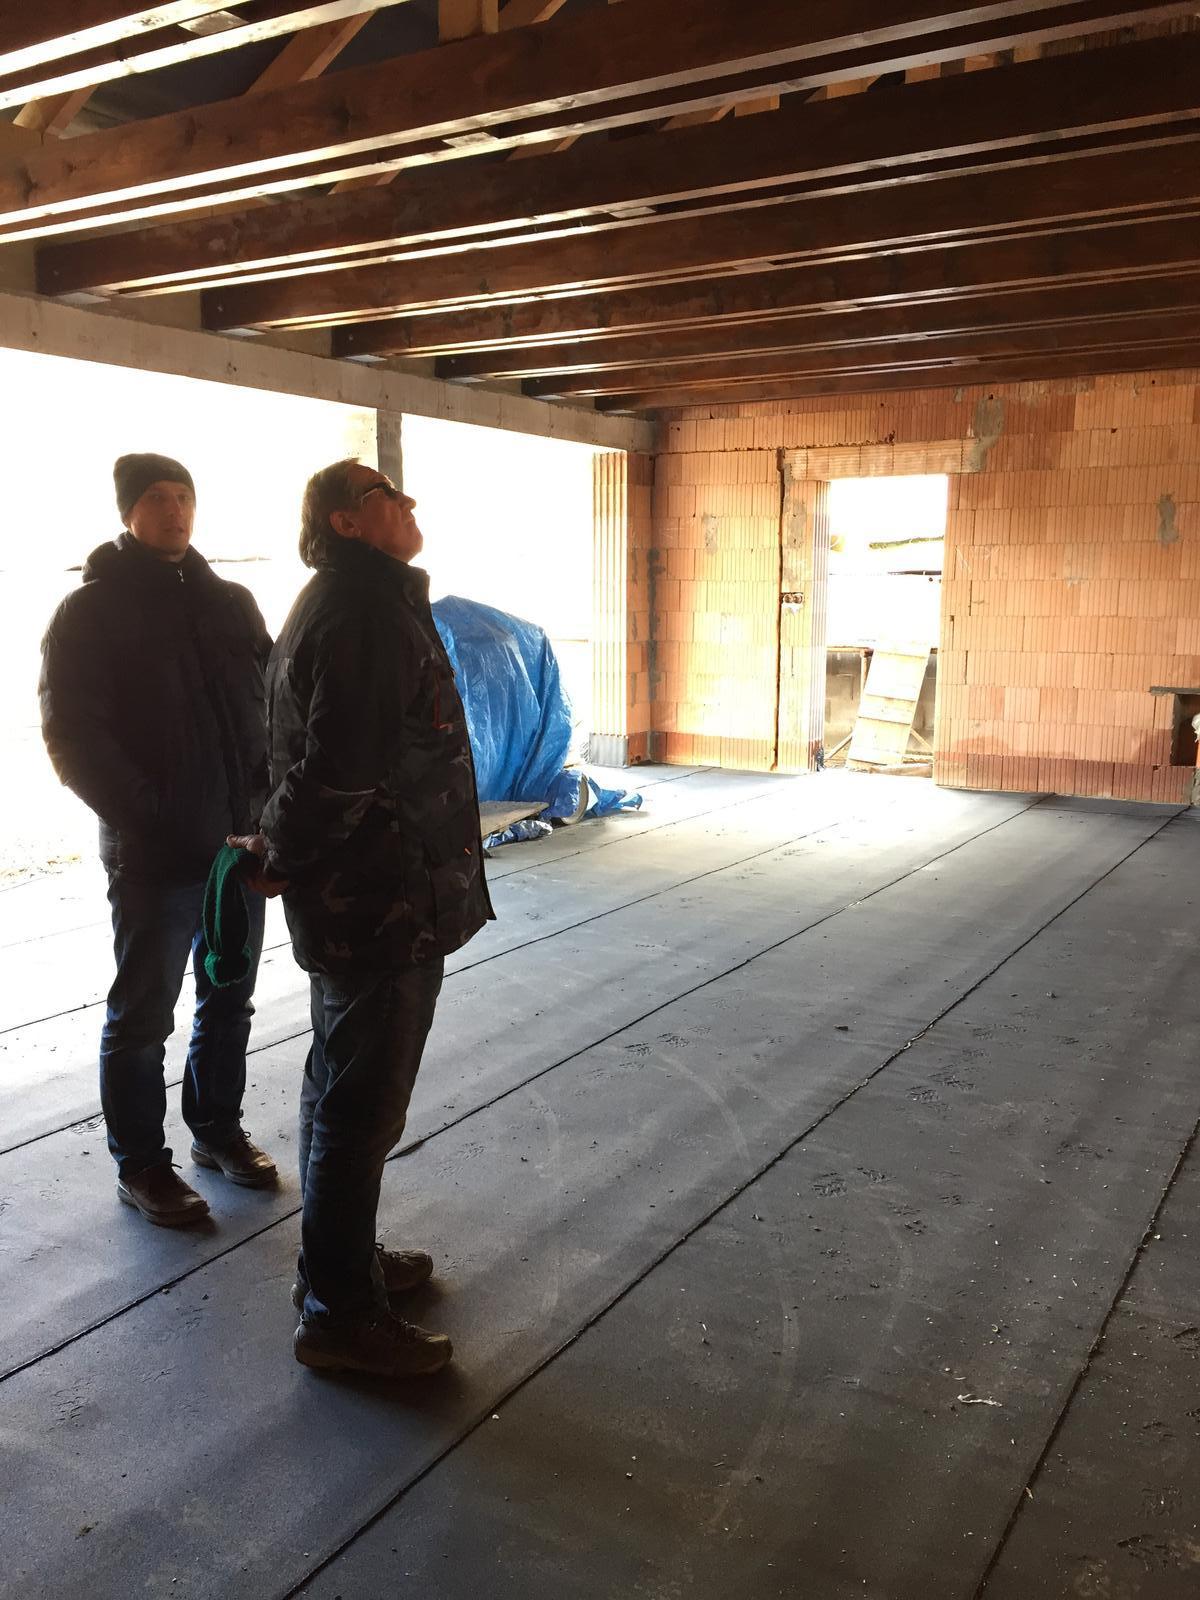 Začínáme..pokračujeme..finišujeme ;-) - Manžel a tchán..kontrolují střechu v naši pidigaráži :-D